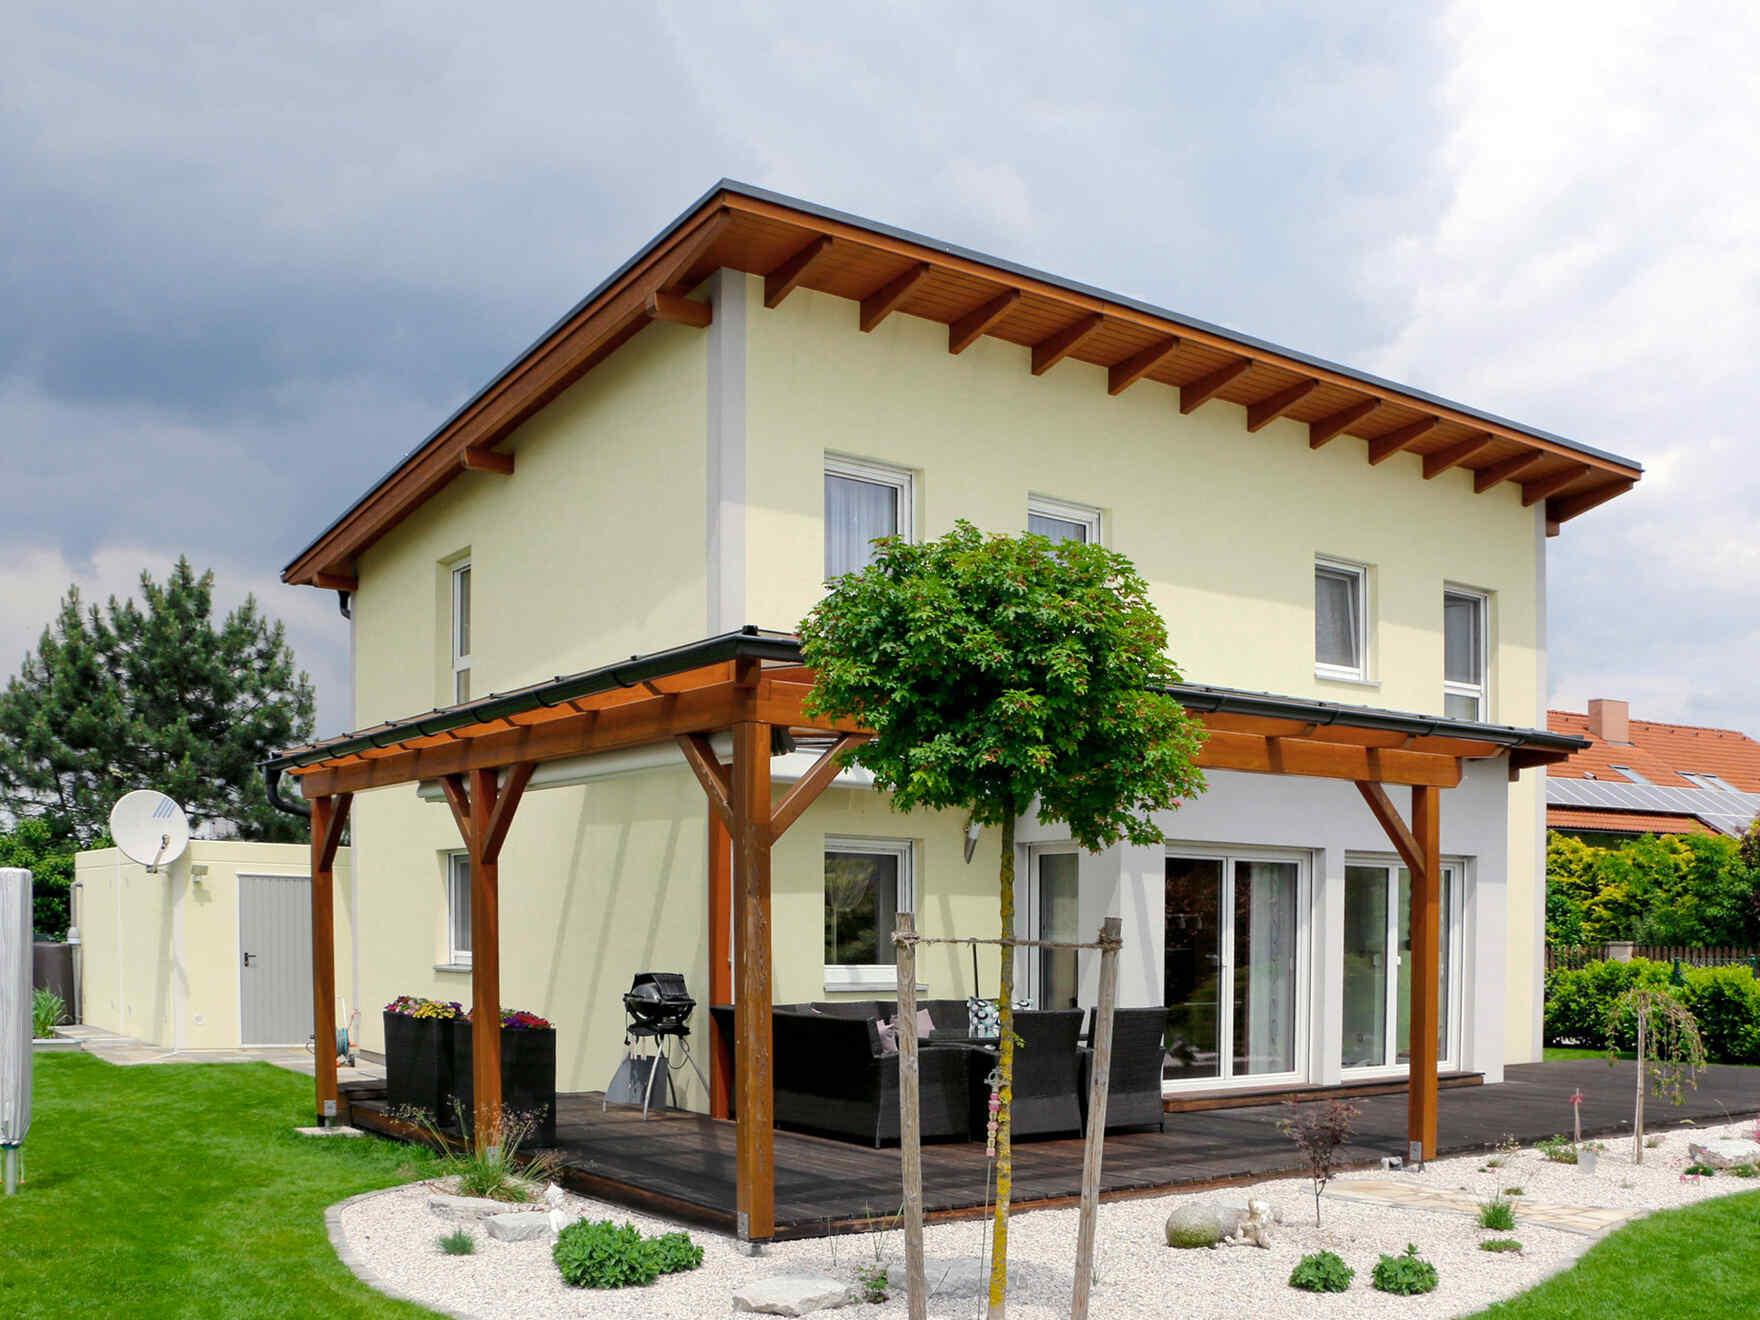 Maison préfabriquée Familie Gruber